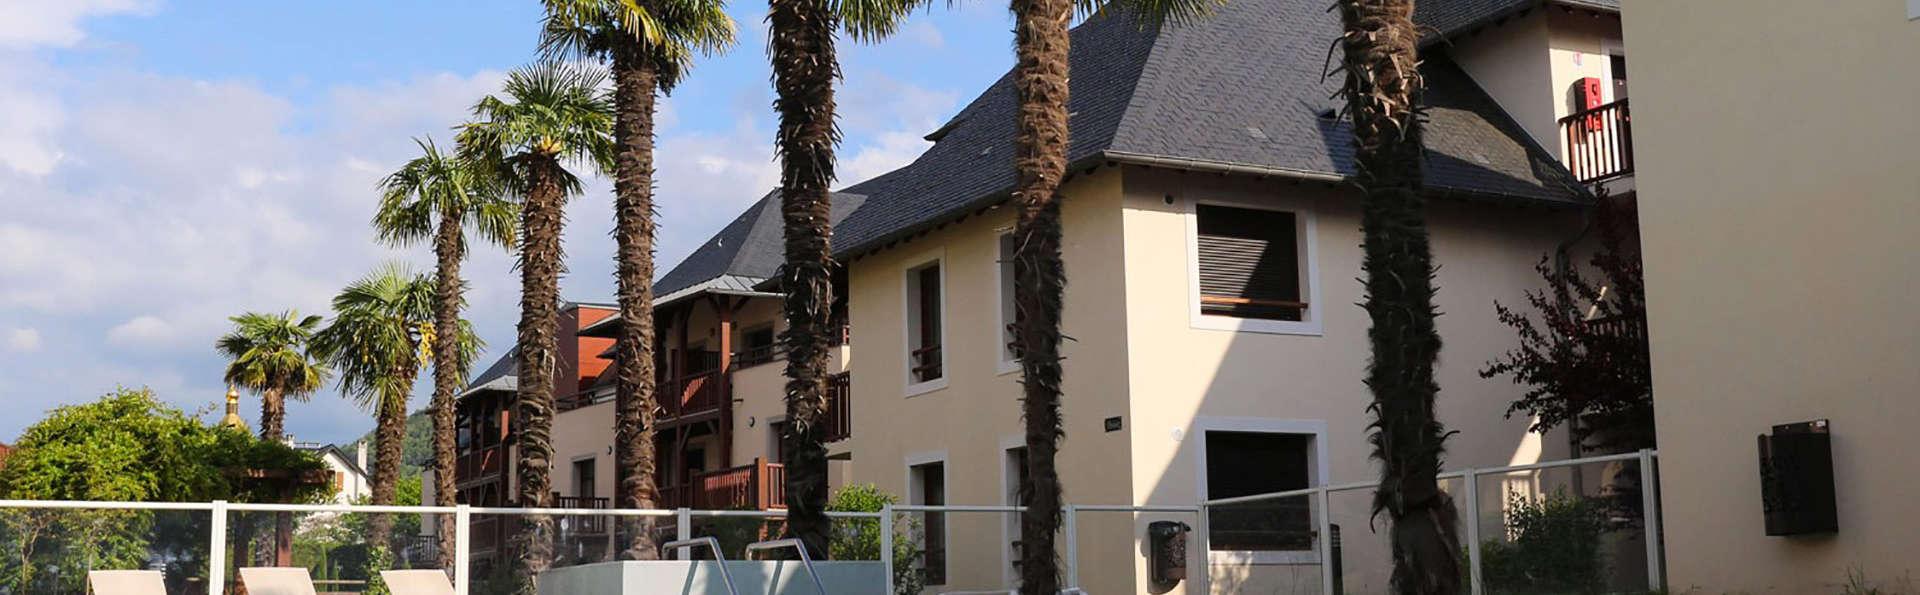 Escapade détente en famille ou entre amis dans un appartement à Lourdes